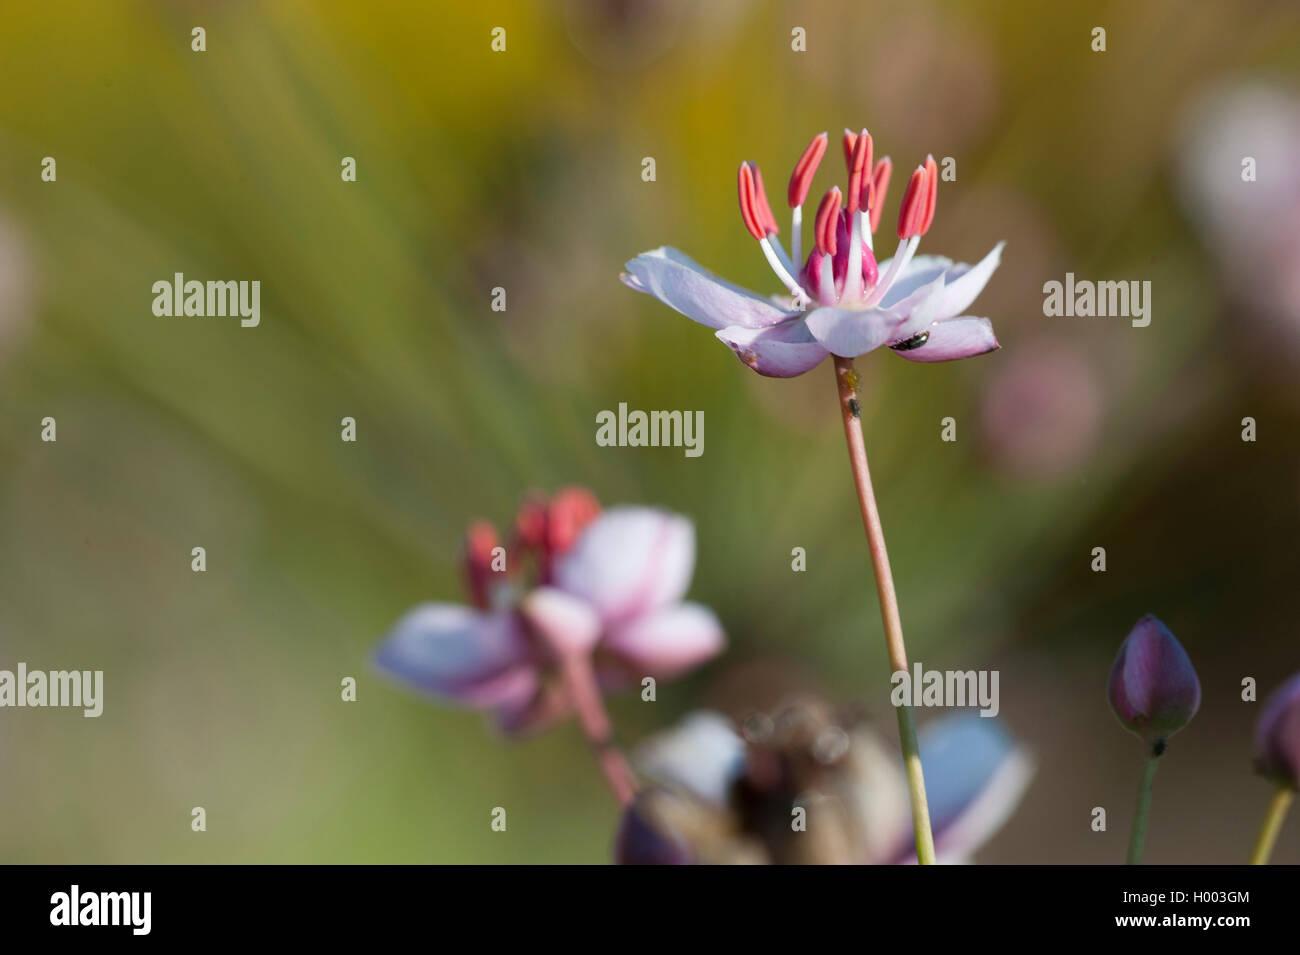 Schwanenblume, Schwanen-Blume, Wasserliesch, Blumenbinse, Doldige Schwanenblume, Wasserviole (Butomus umbellatus), Stock Photo